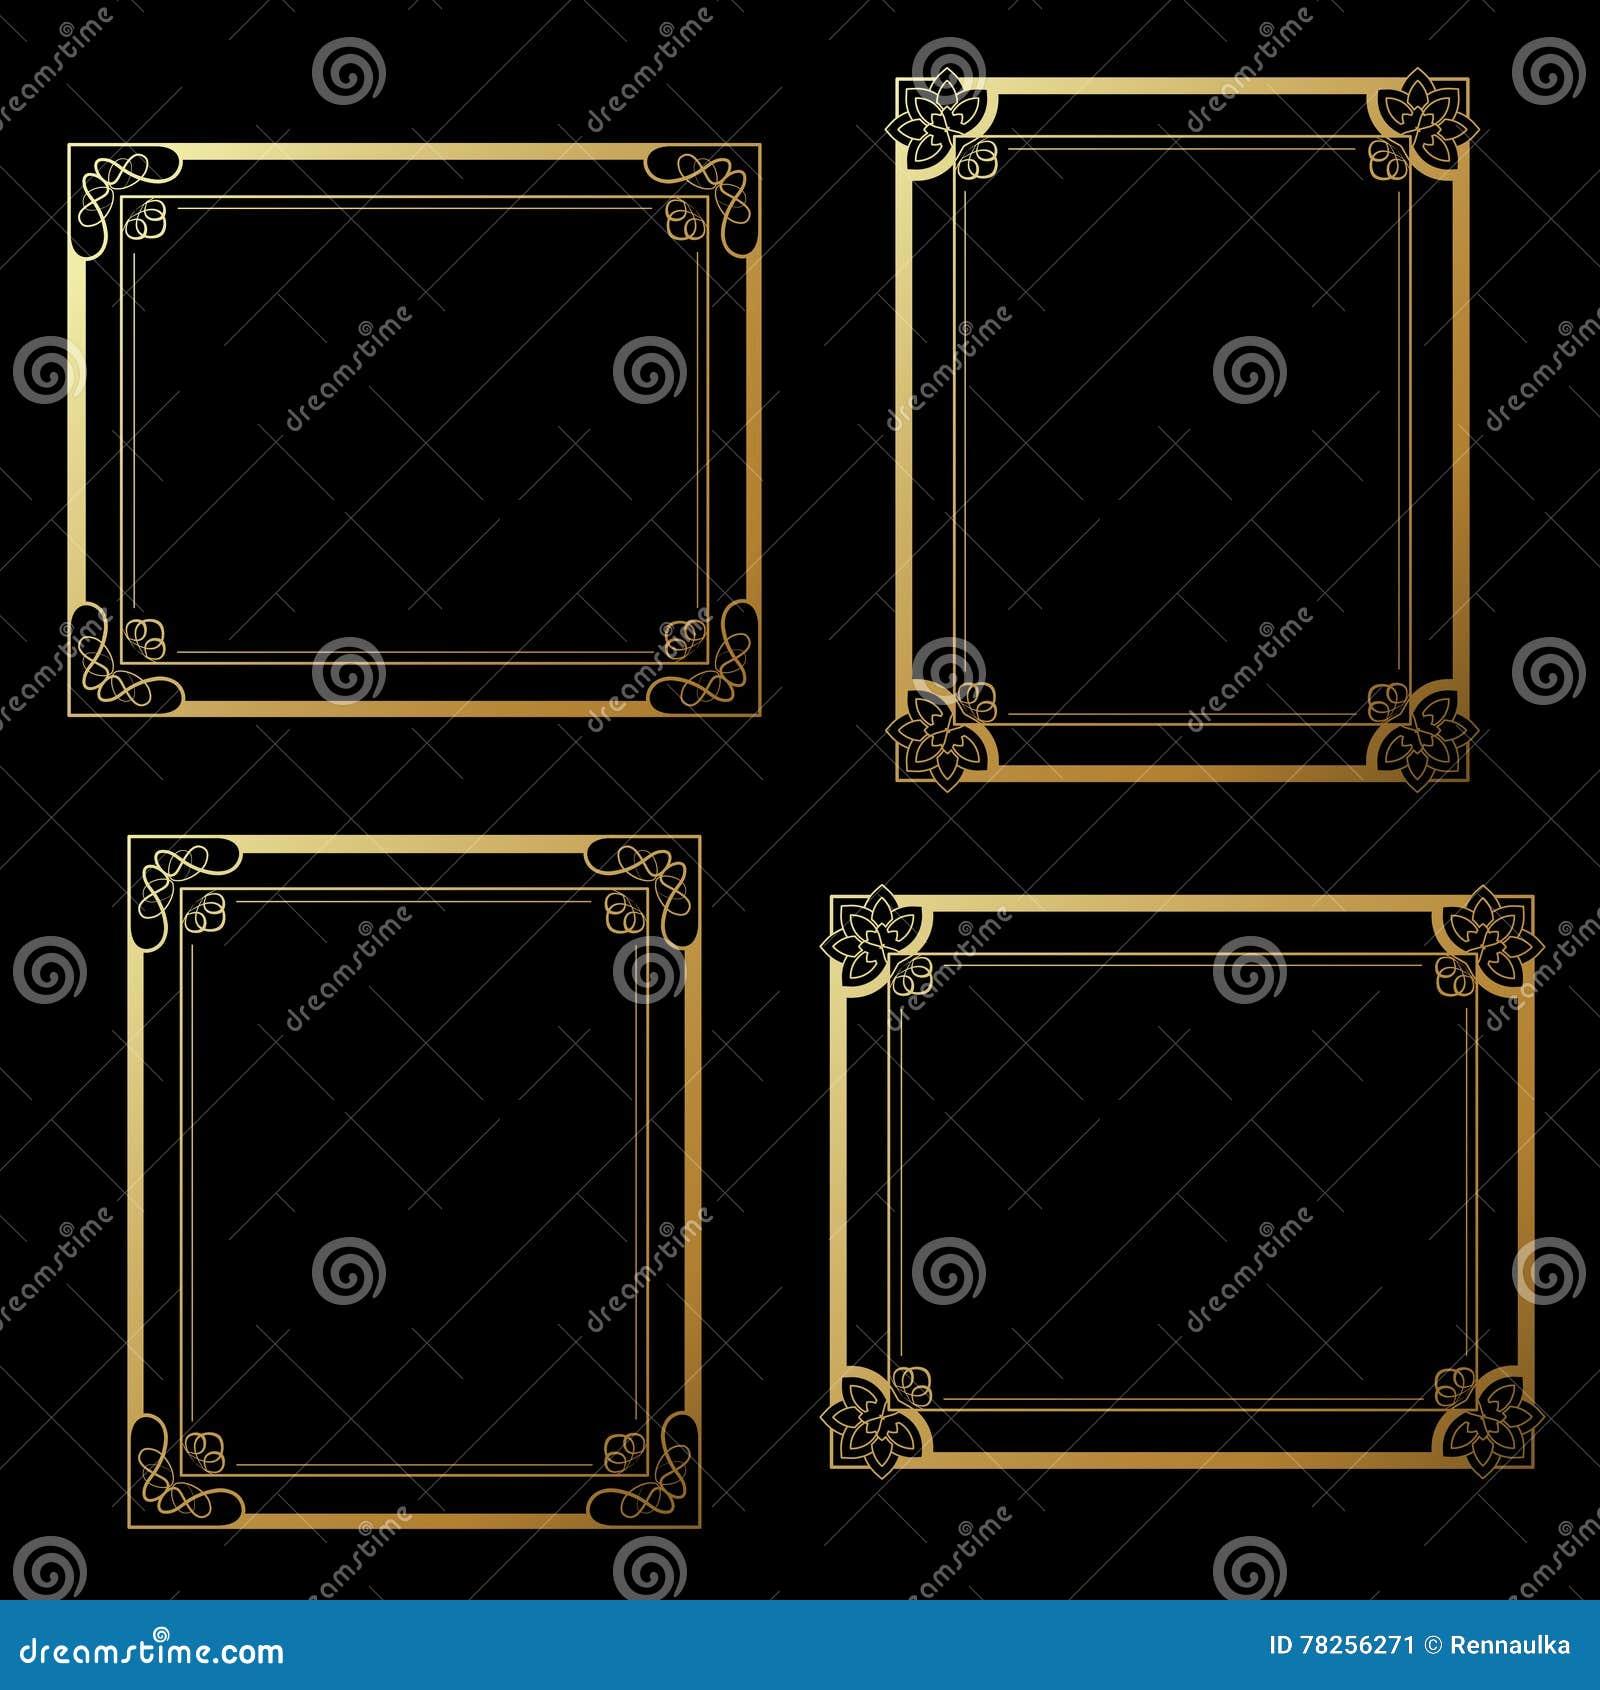 Χρυσά πλαίσια στο μαύρο υπόβαθρο Πλαίσια ορθογωνίων διακοσμήσεων για τη φωτογραφία σας σύνορα διακοσμητικά